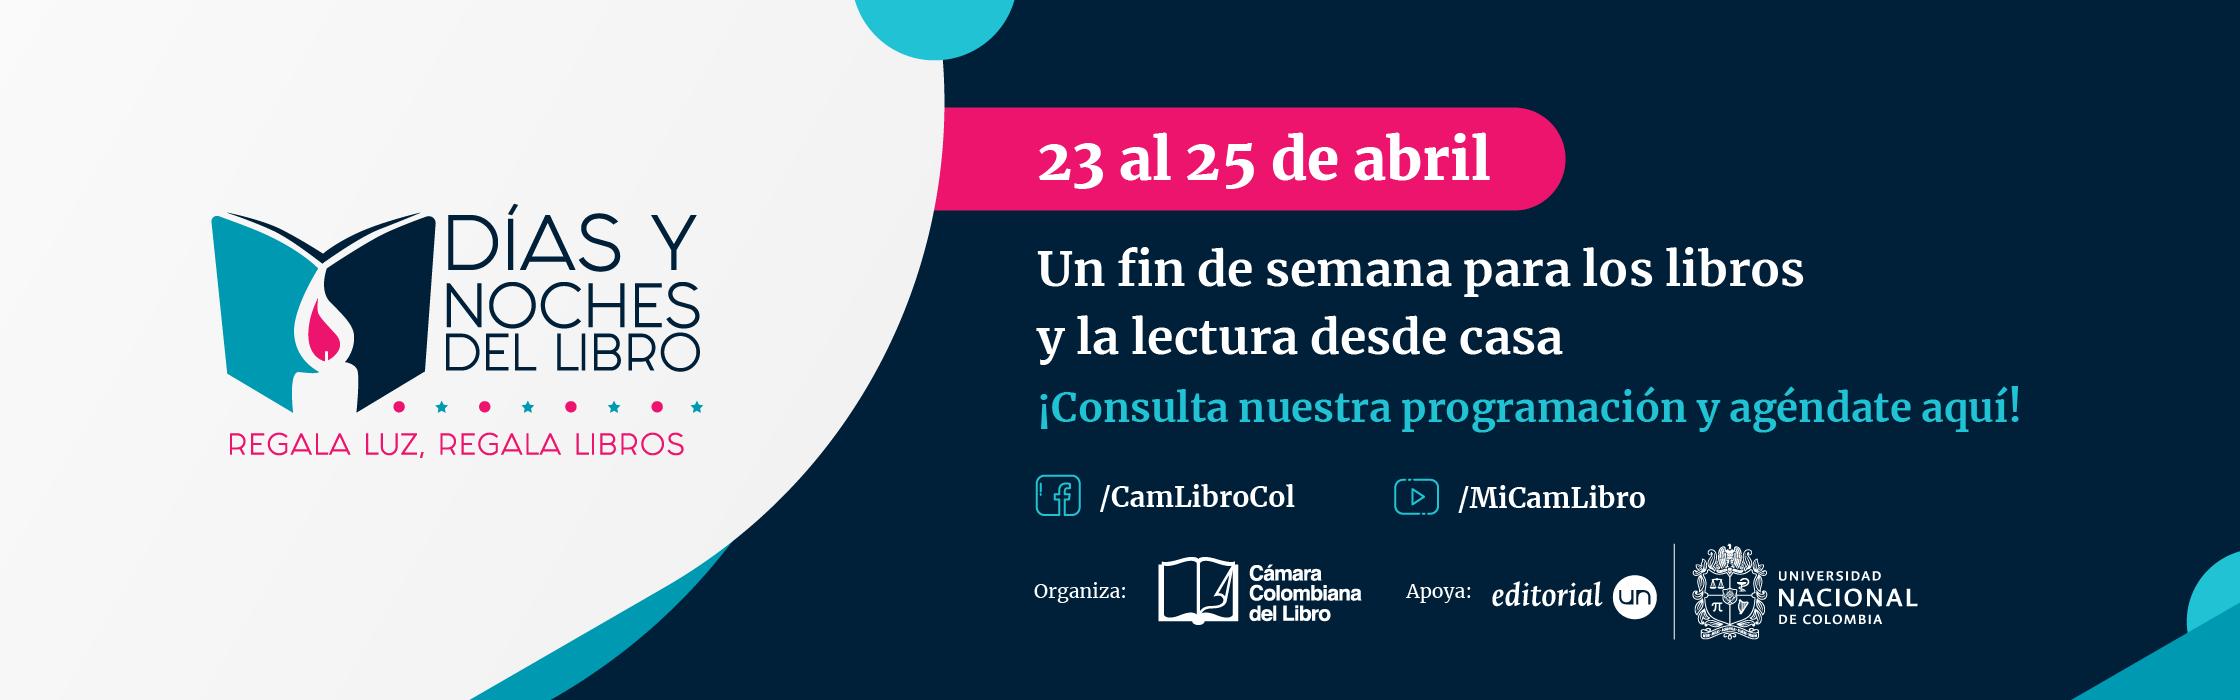 banner-web_dias-noches-libro-1